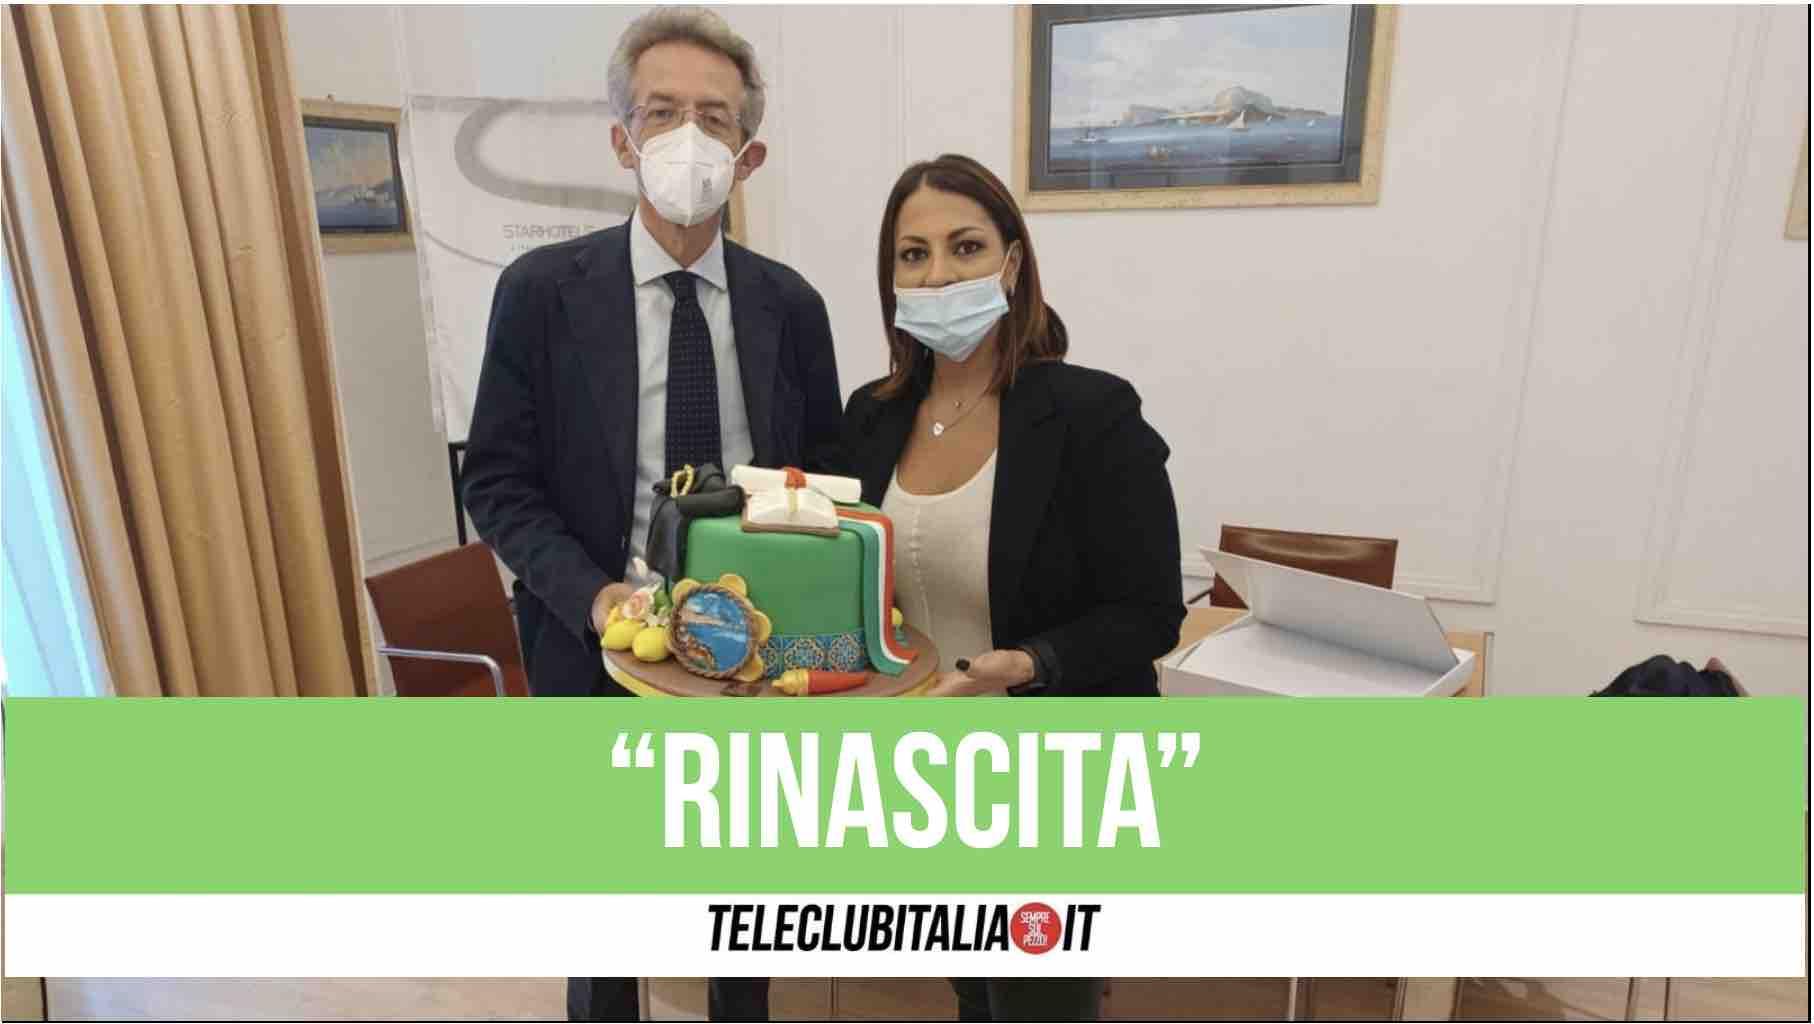 rinascita pastry chef maria de vito gaetano manfredi sindaco di napoli